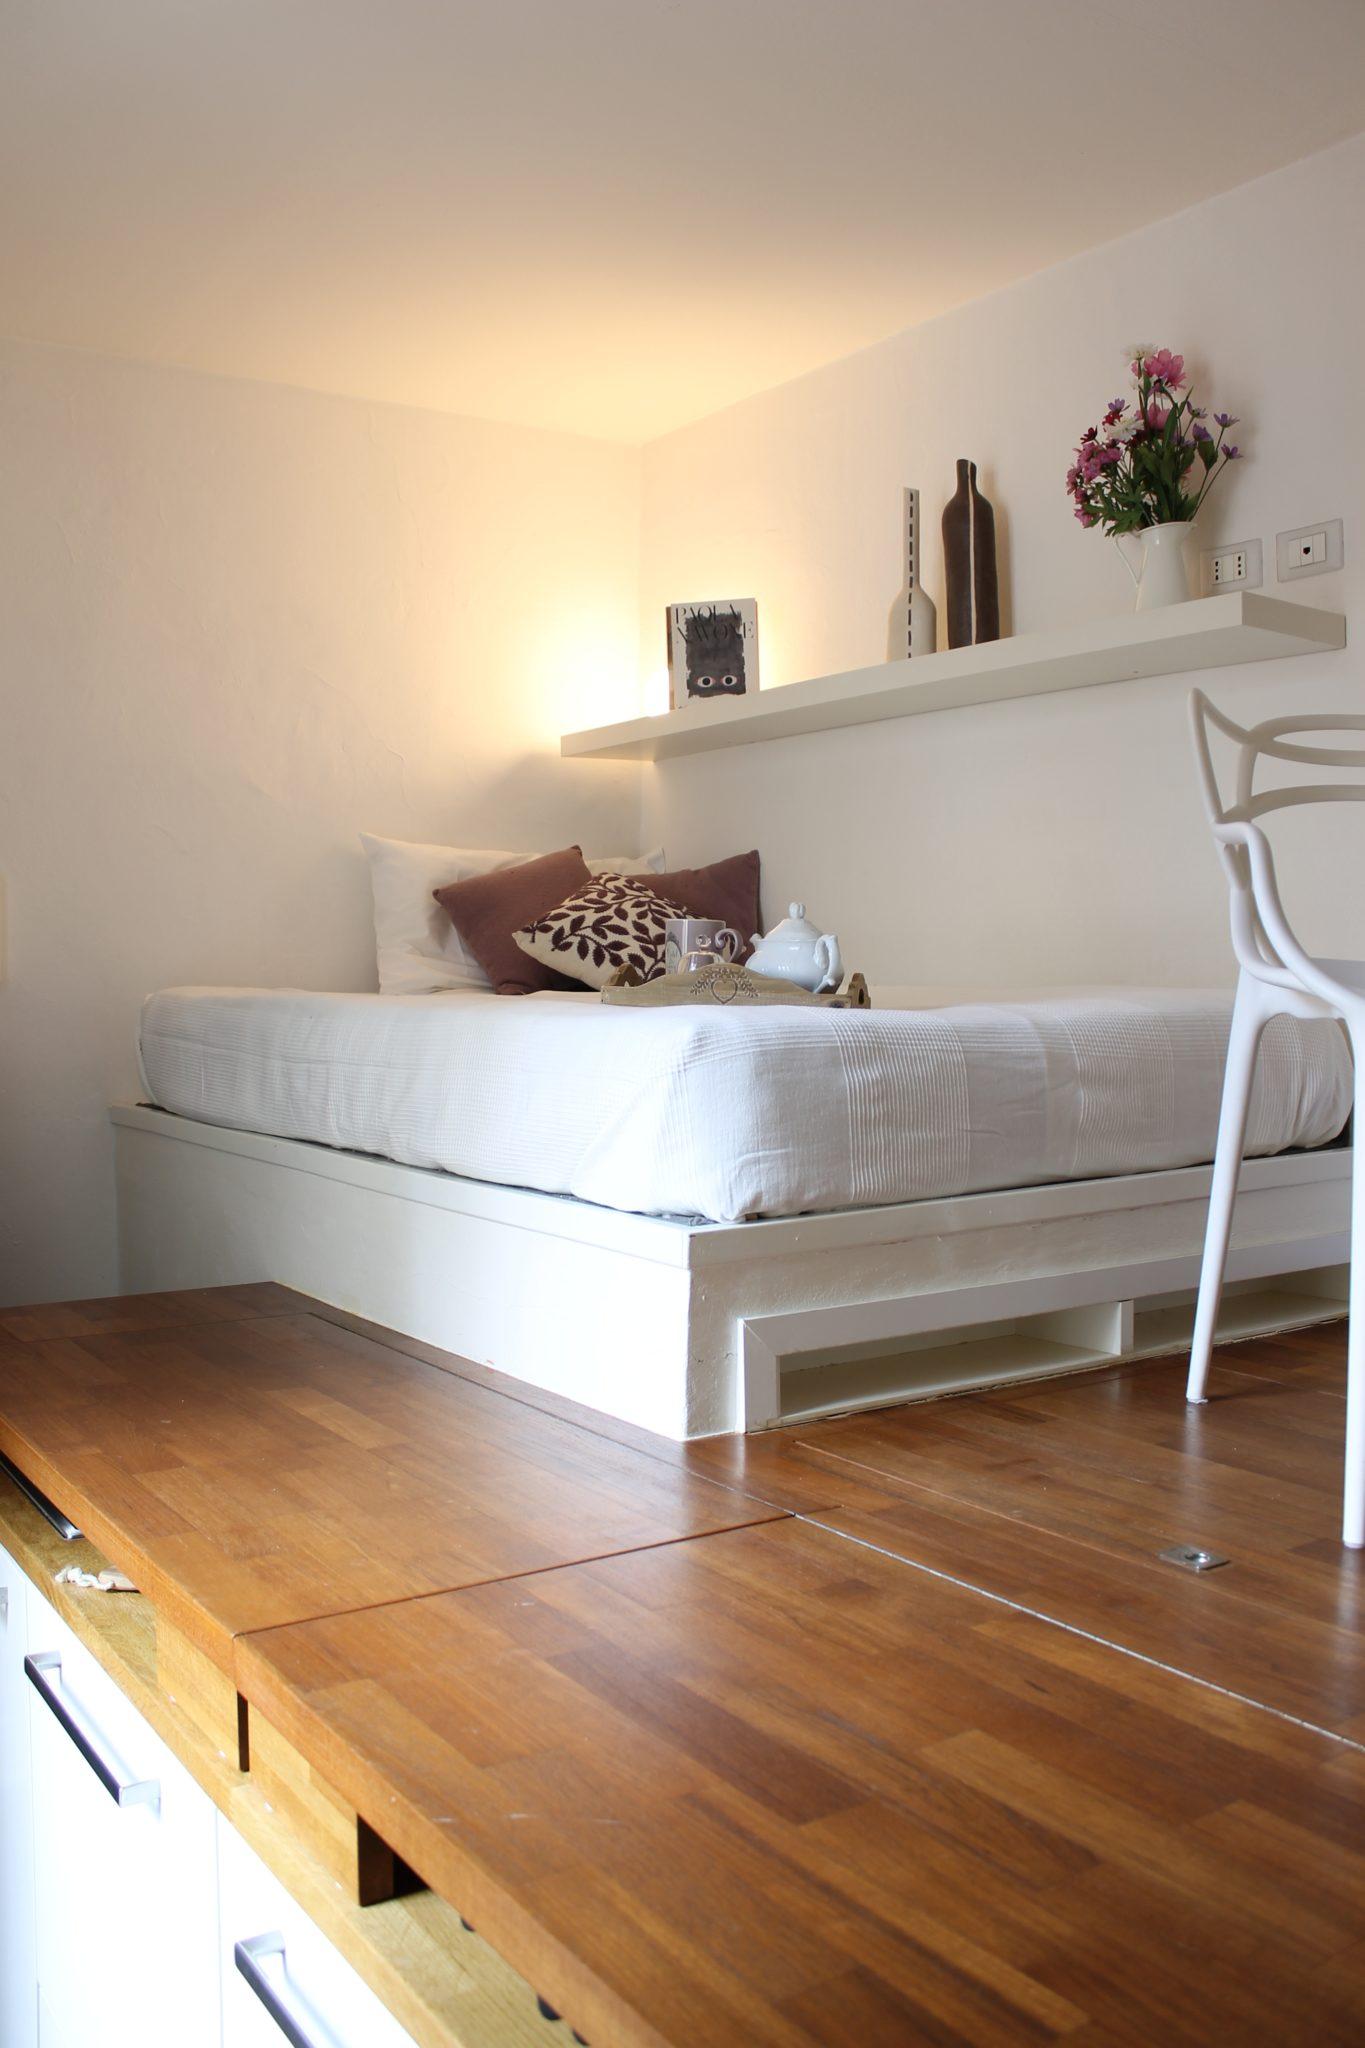 Mini appartamento maxi ingegno benvenuti sul mio blog for Miniappartamento design